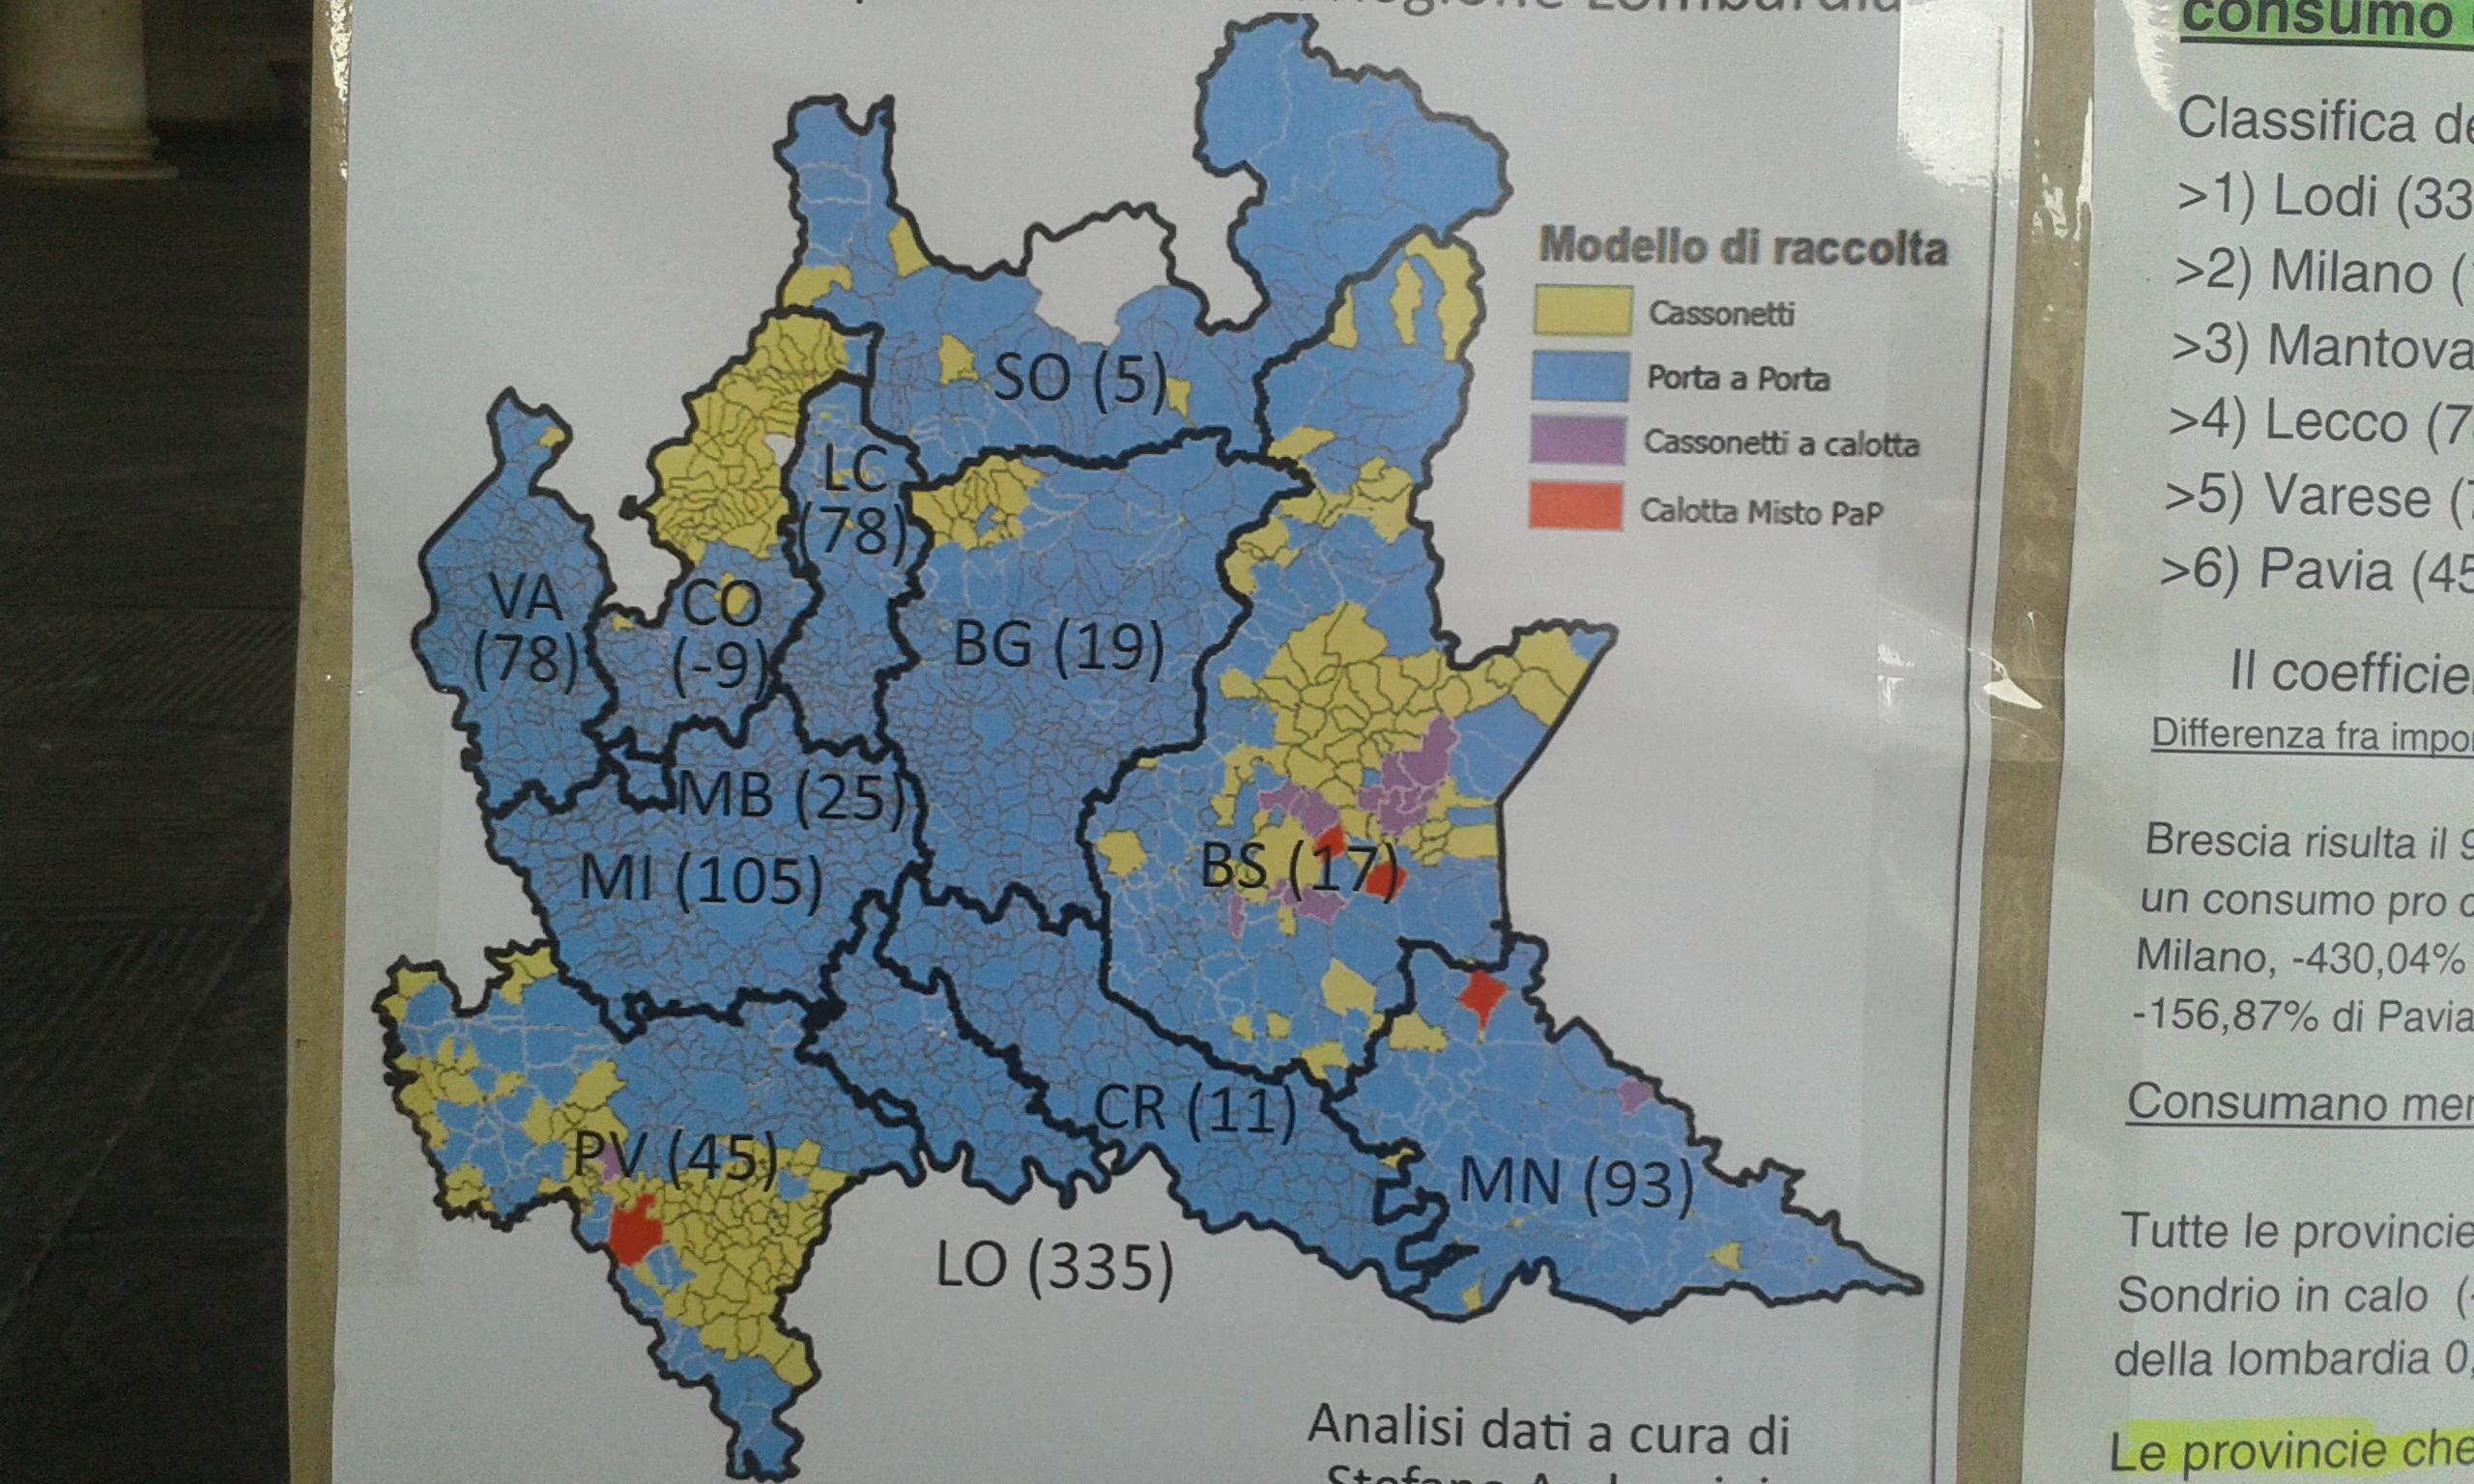 Cartina Lombardia Pavia.Brescia Ricorso Contradditorio Della Regione Lombardia Contro Lo Sblocca Italia Radio Onda D Urto